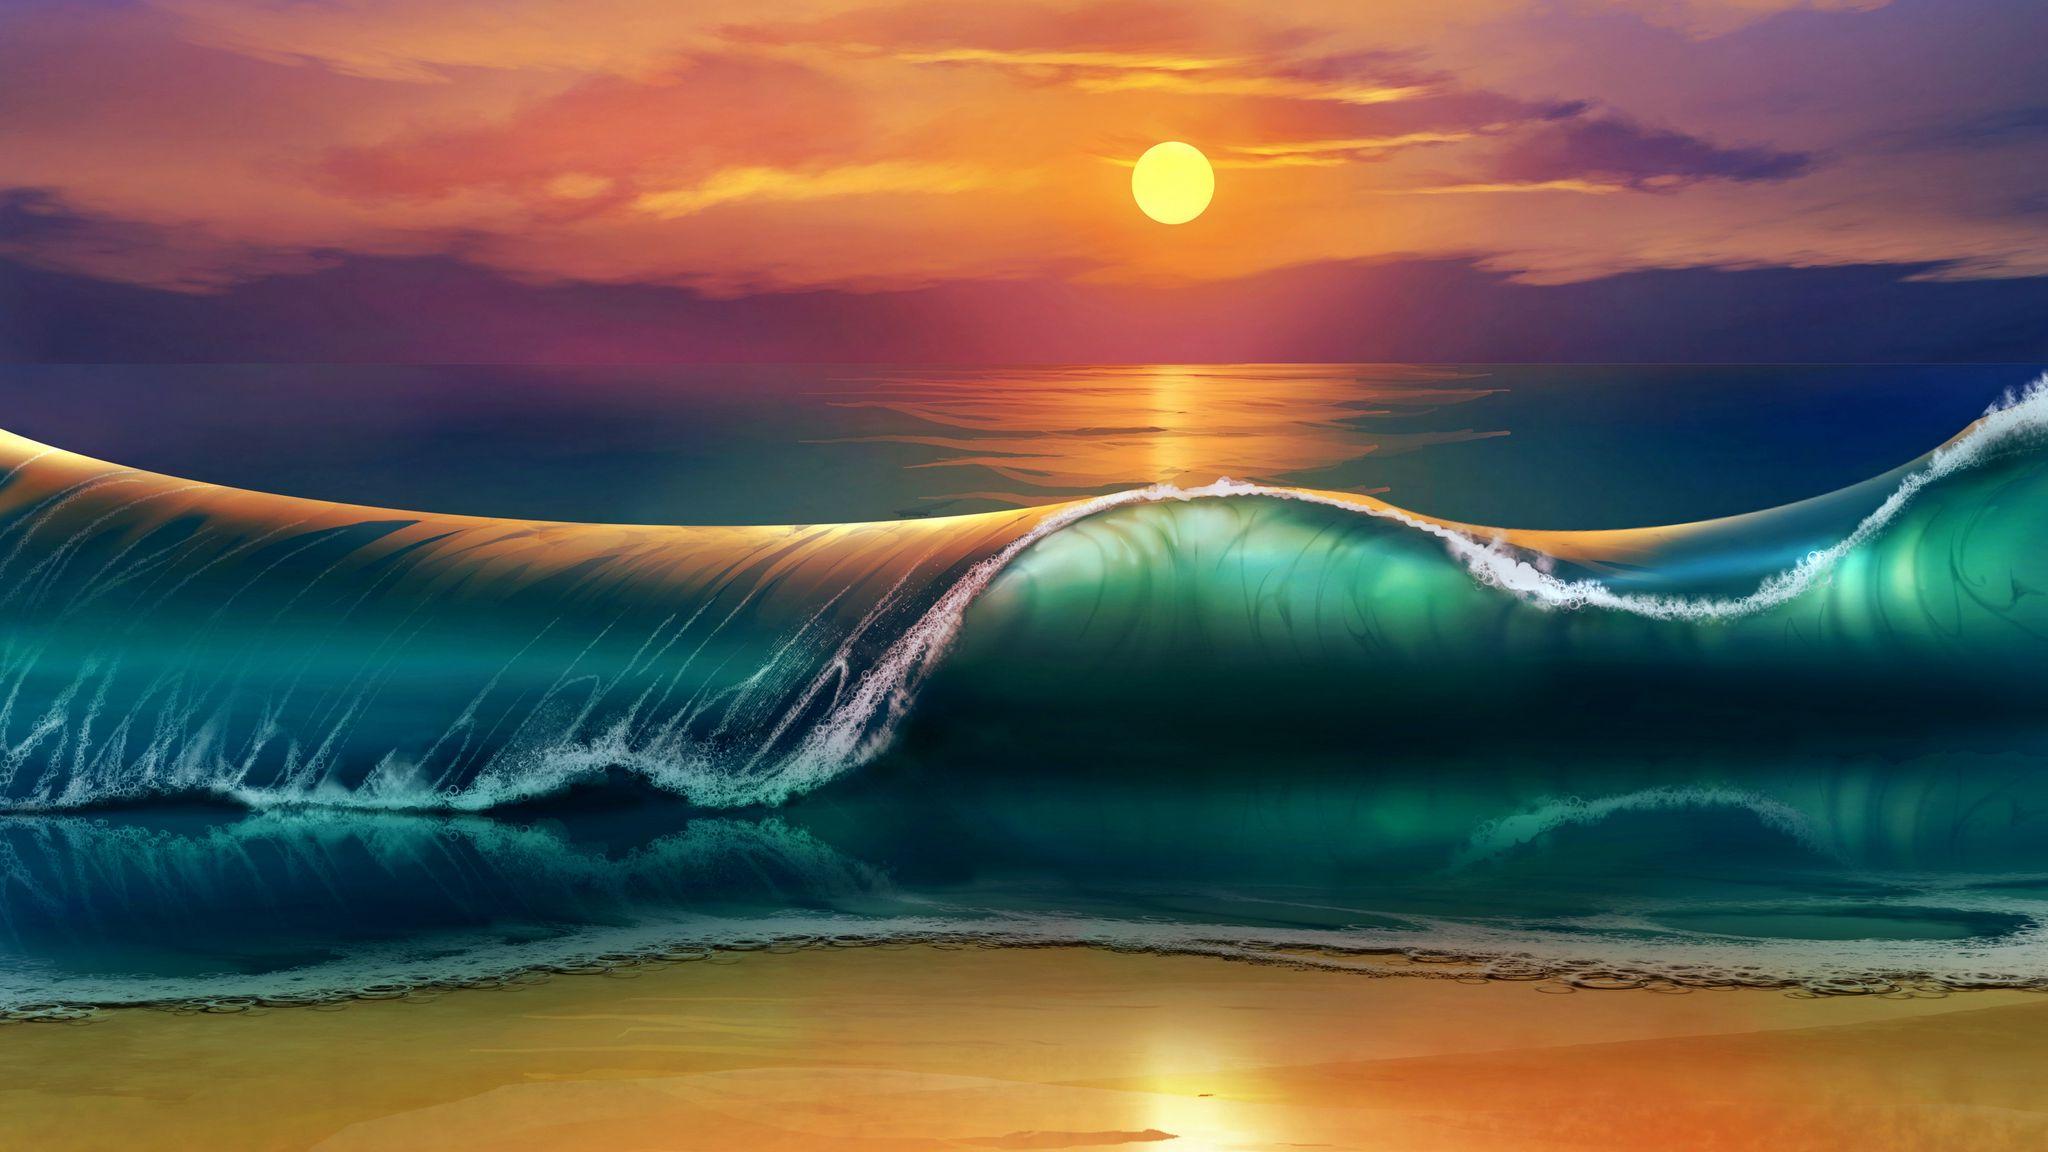 2048x1152 Wallpaper art, sunset, beach, sea, waves